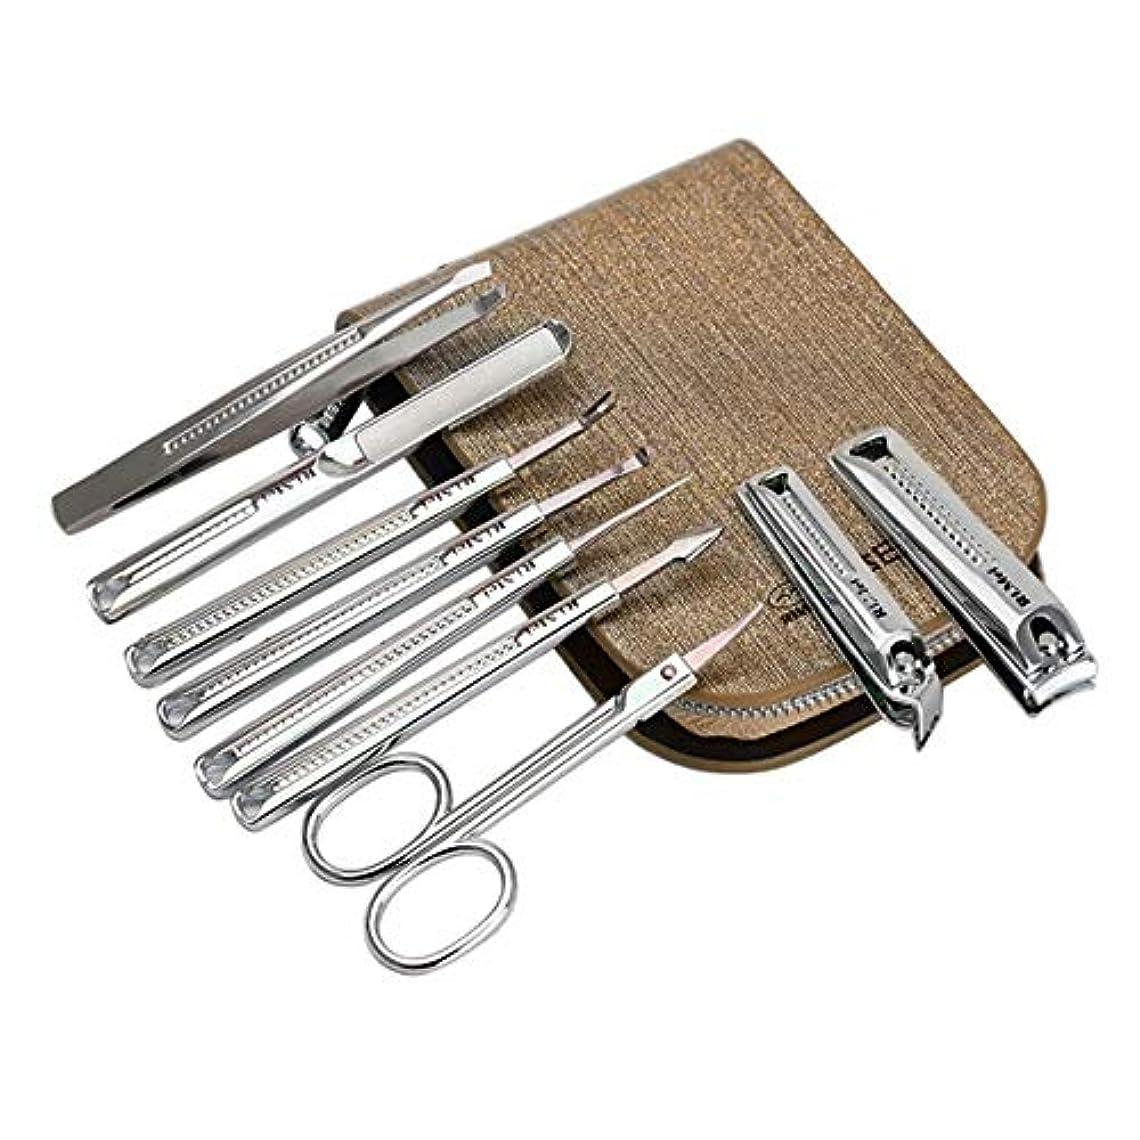 から命題カーペットTUOFL ネイルクリップセット、9セットのネイルツール、高品質のスチール、シャープで耐久性のある (Color : Silver)